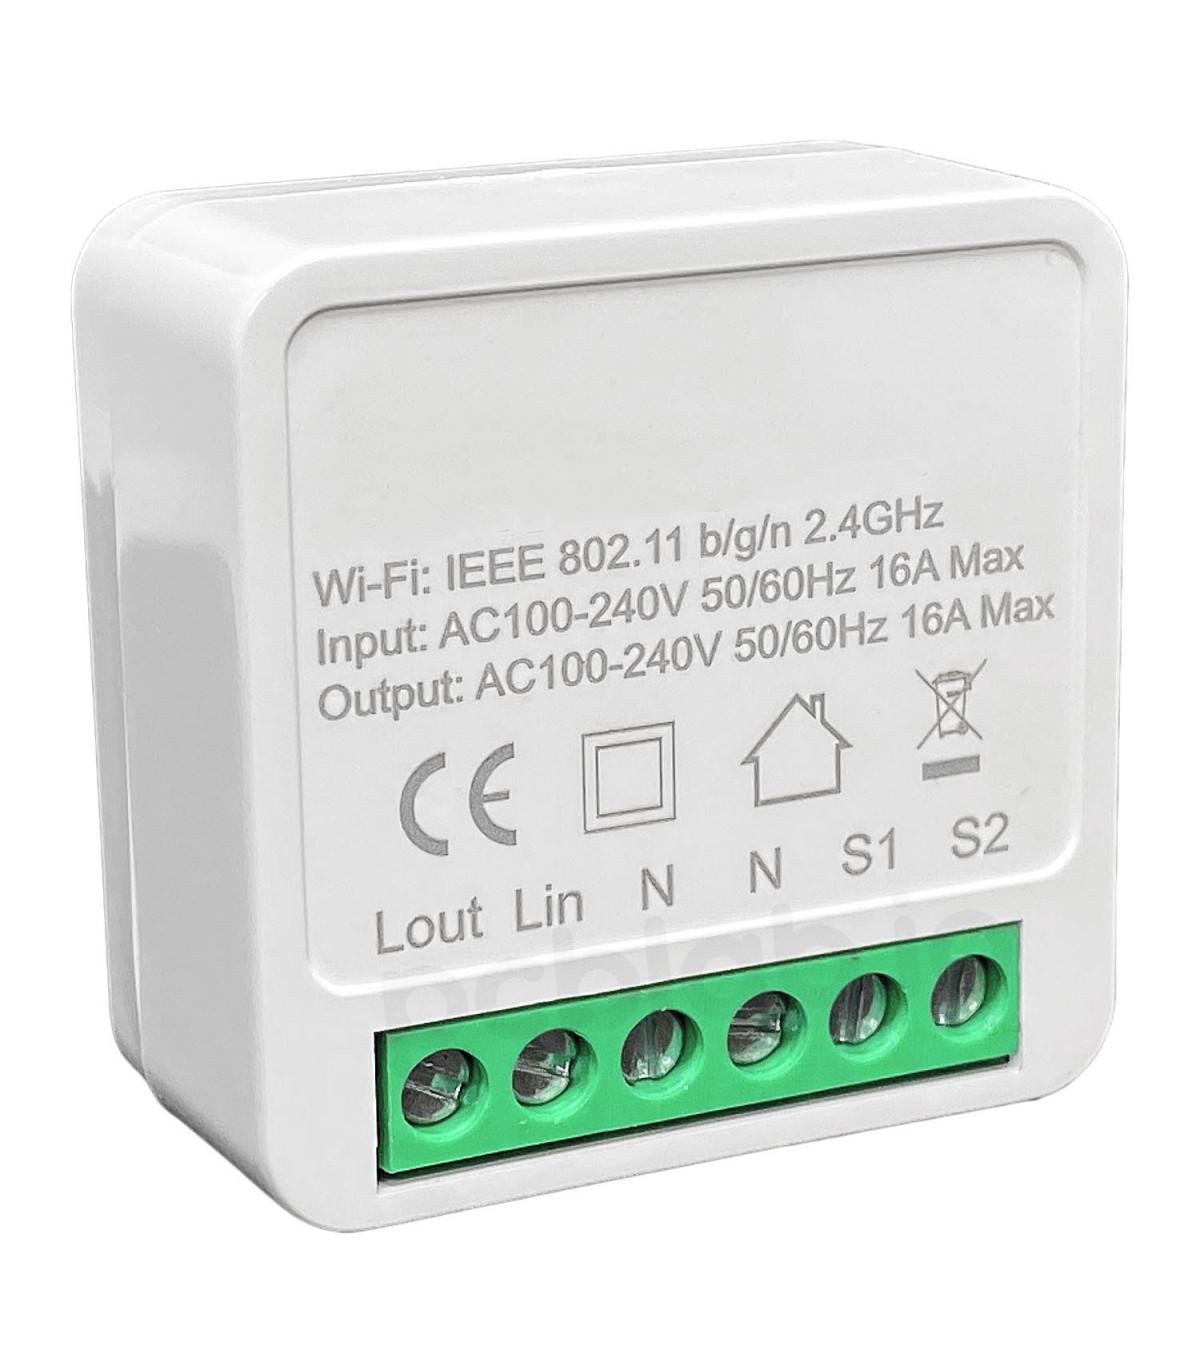 Mini przekaźnik WiFi do puszki TUYA 3500W